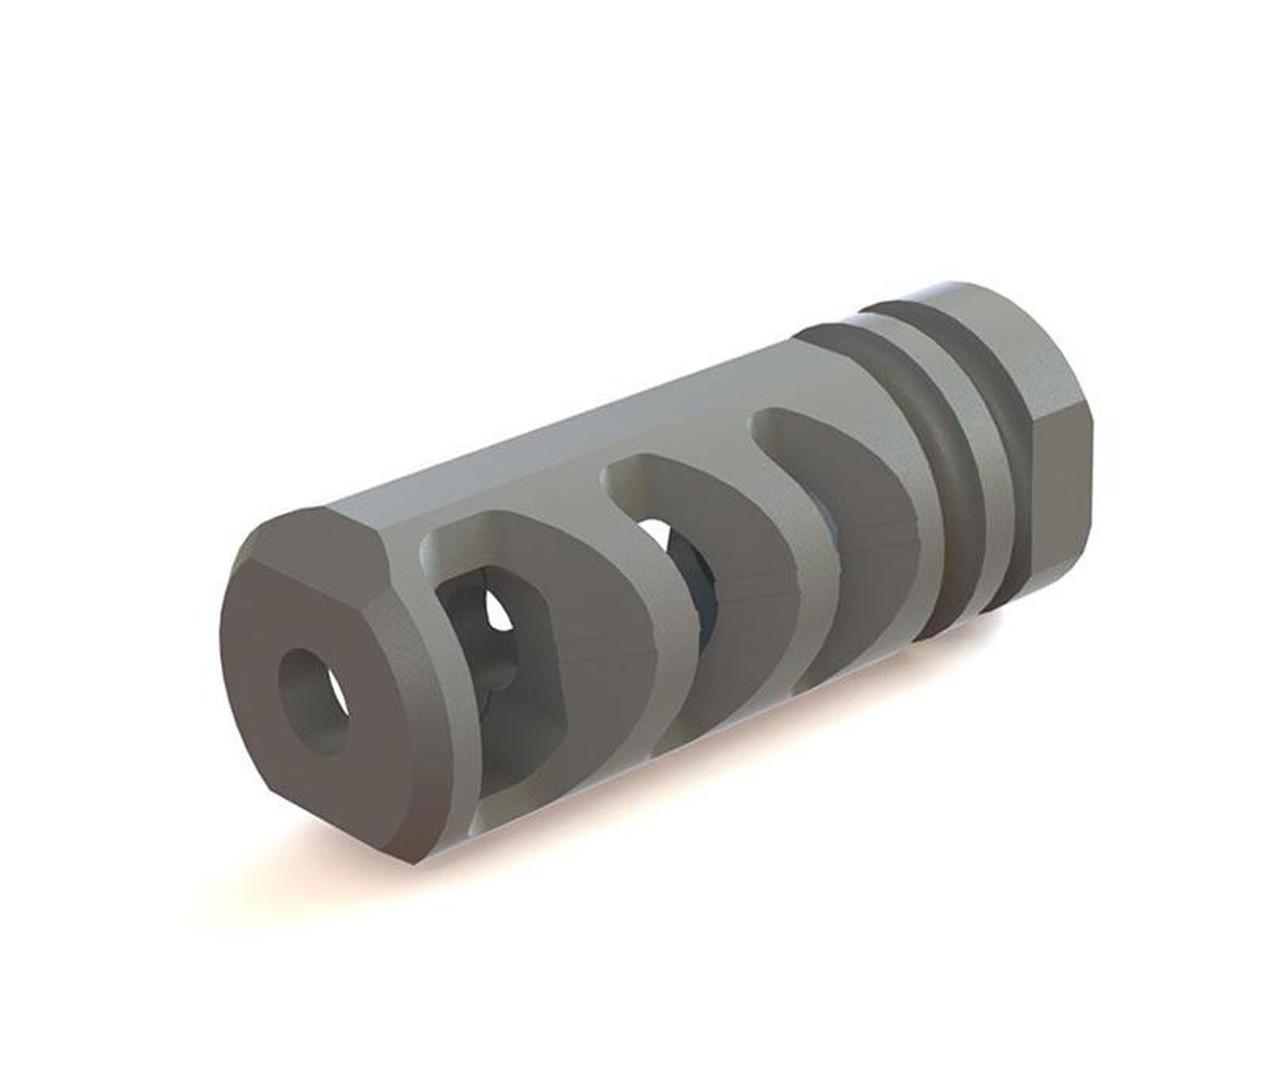 Precision Armament - M4-72 Tactical Compensator 5.56mm